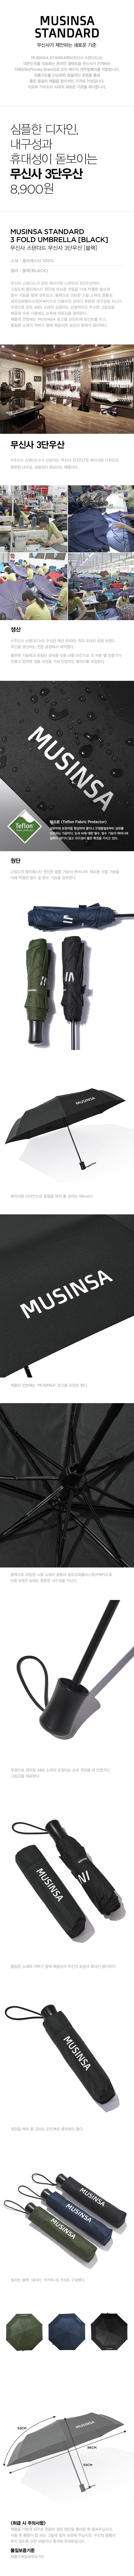 무신사 스탠다드(MUSINSA STANDARD) 무신사 3단우산 [블랙]